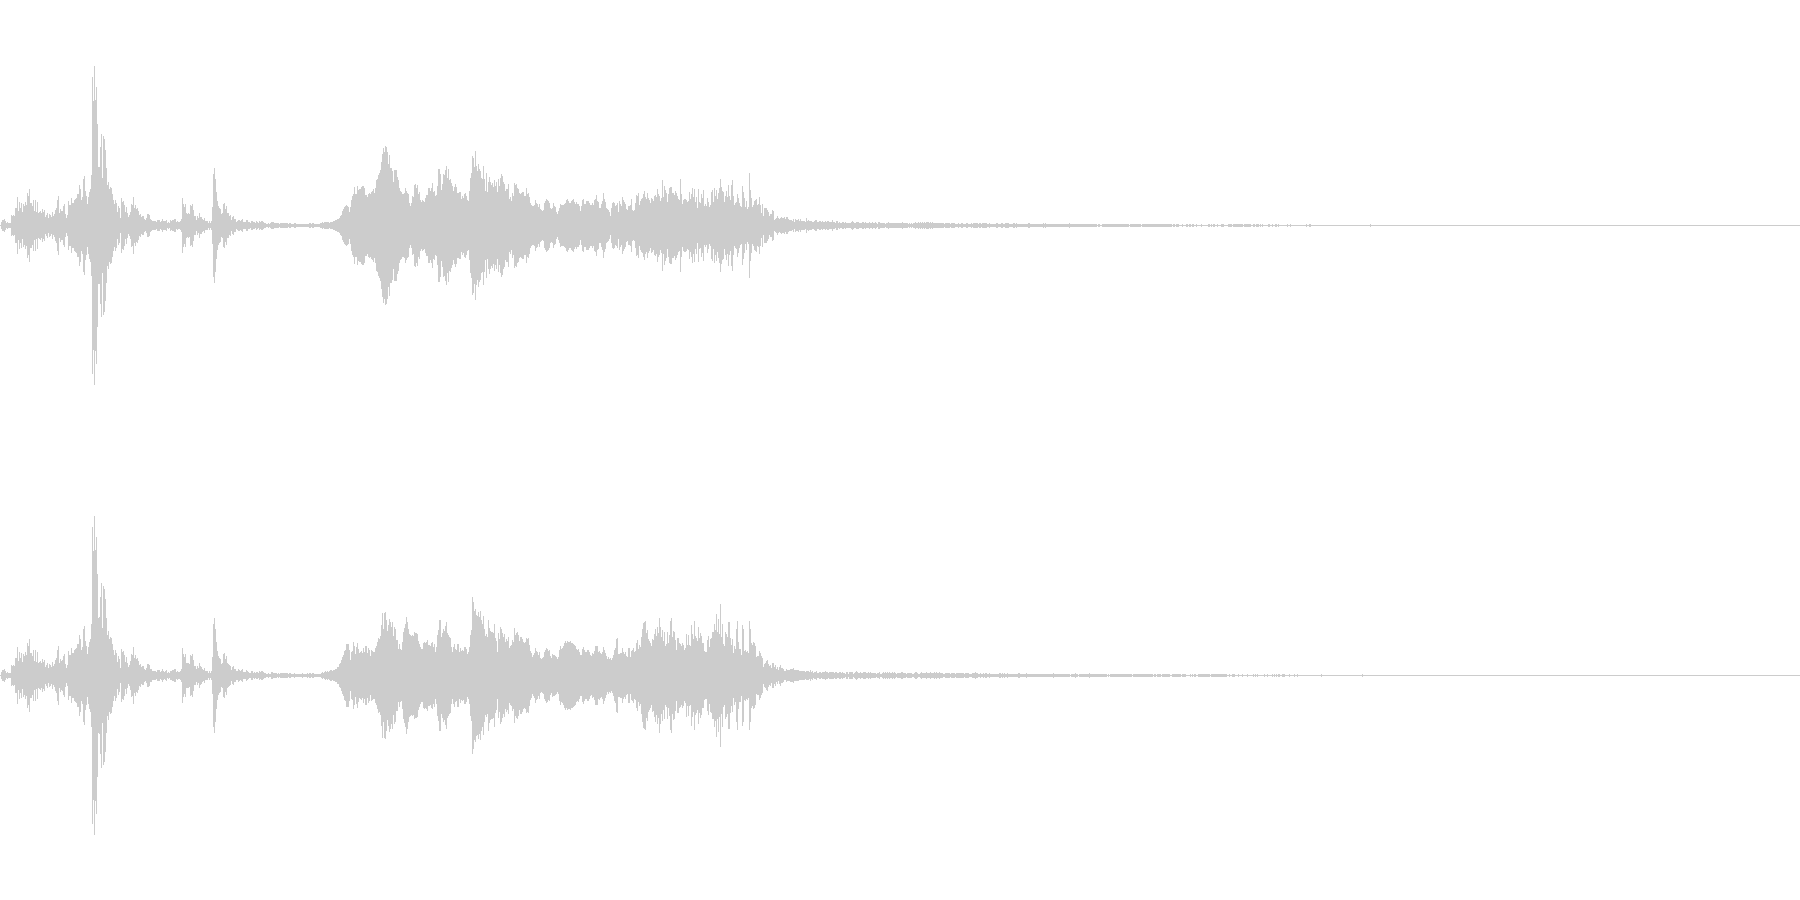 鉄製の扉が開く音-1の未再生の波形